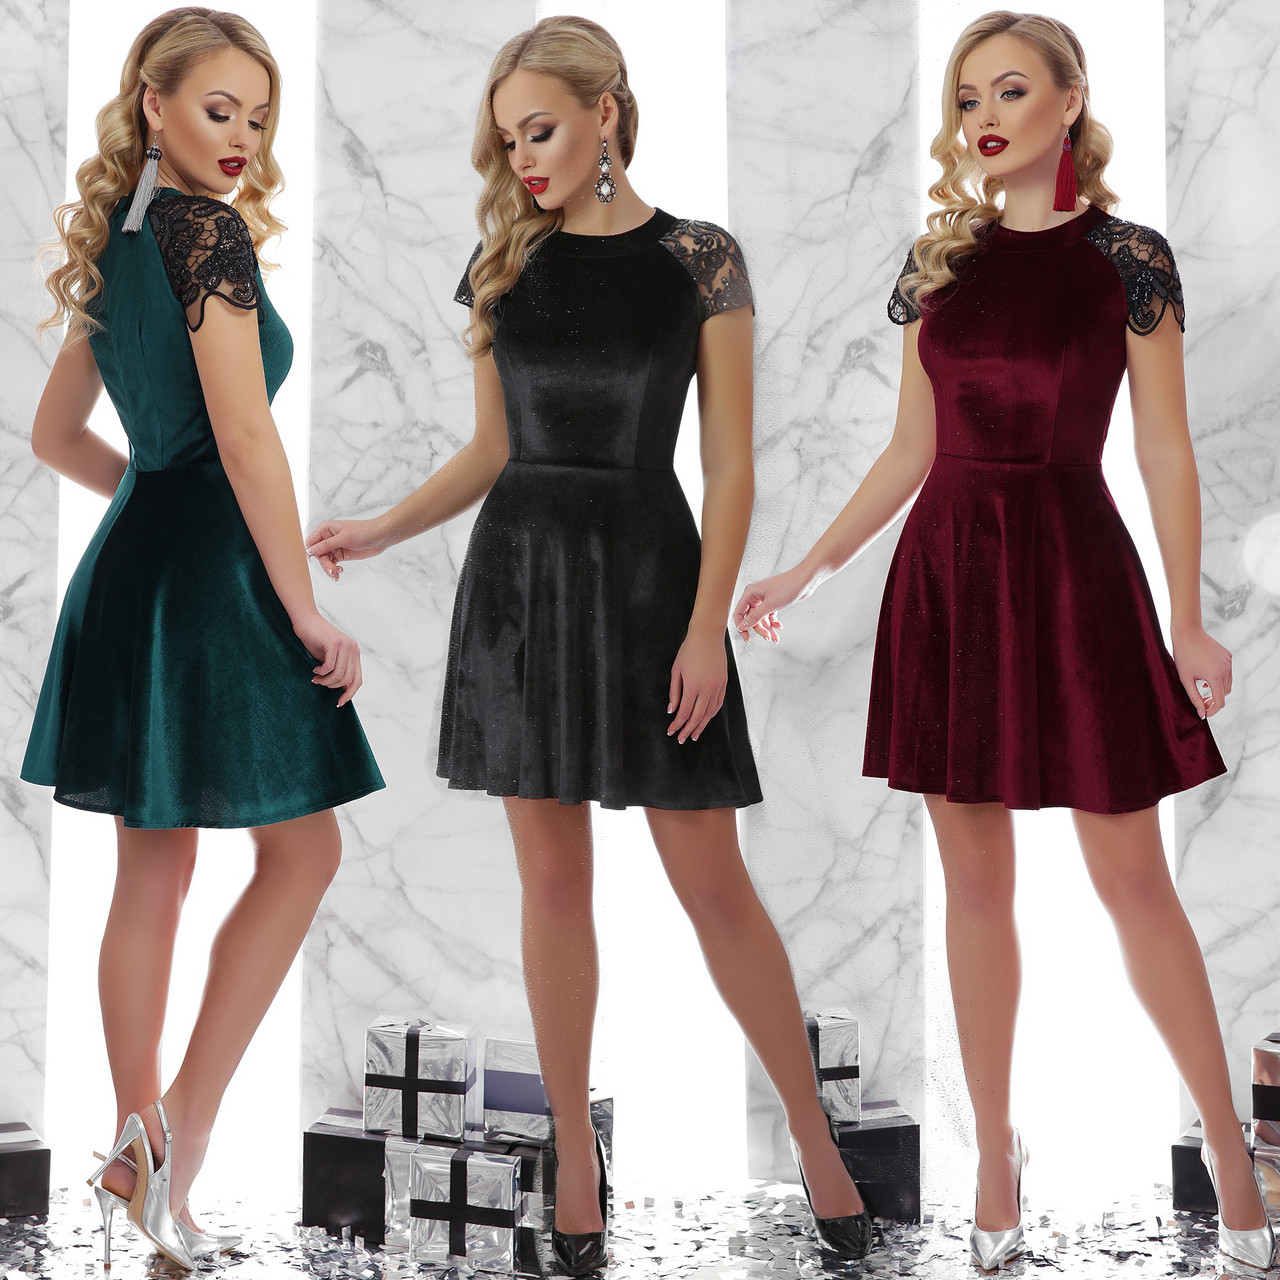 71980235fed Нарядное короткое платье с пышной юбкой из велюра и кружева с пайетками -  Интернет-магазин